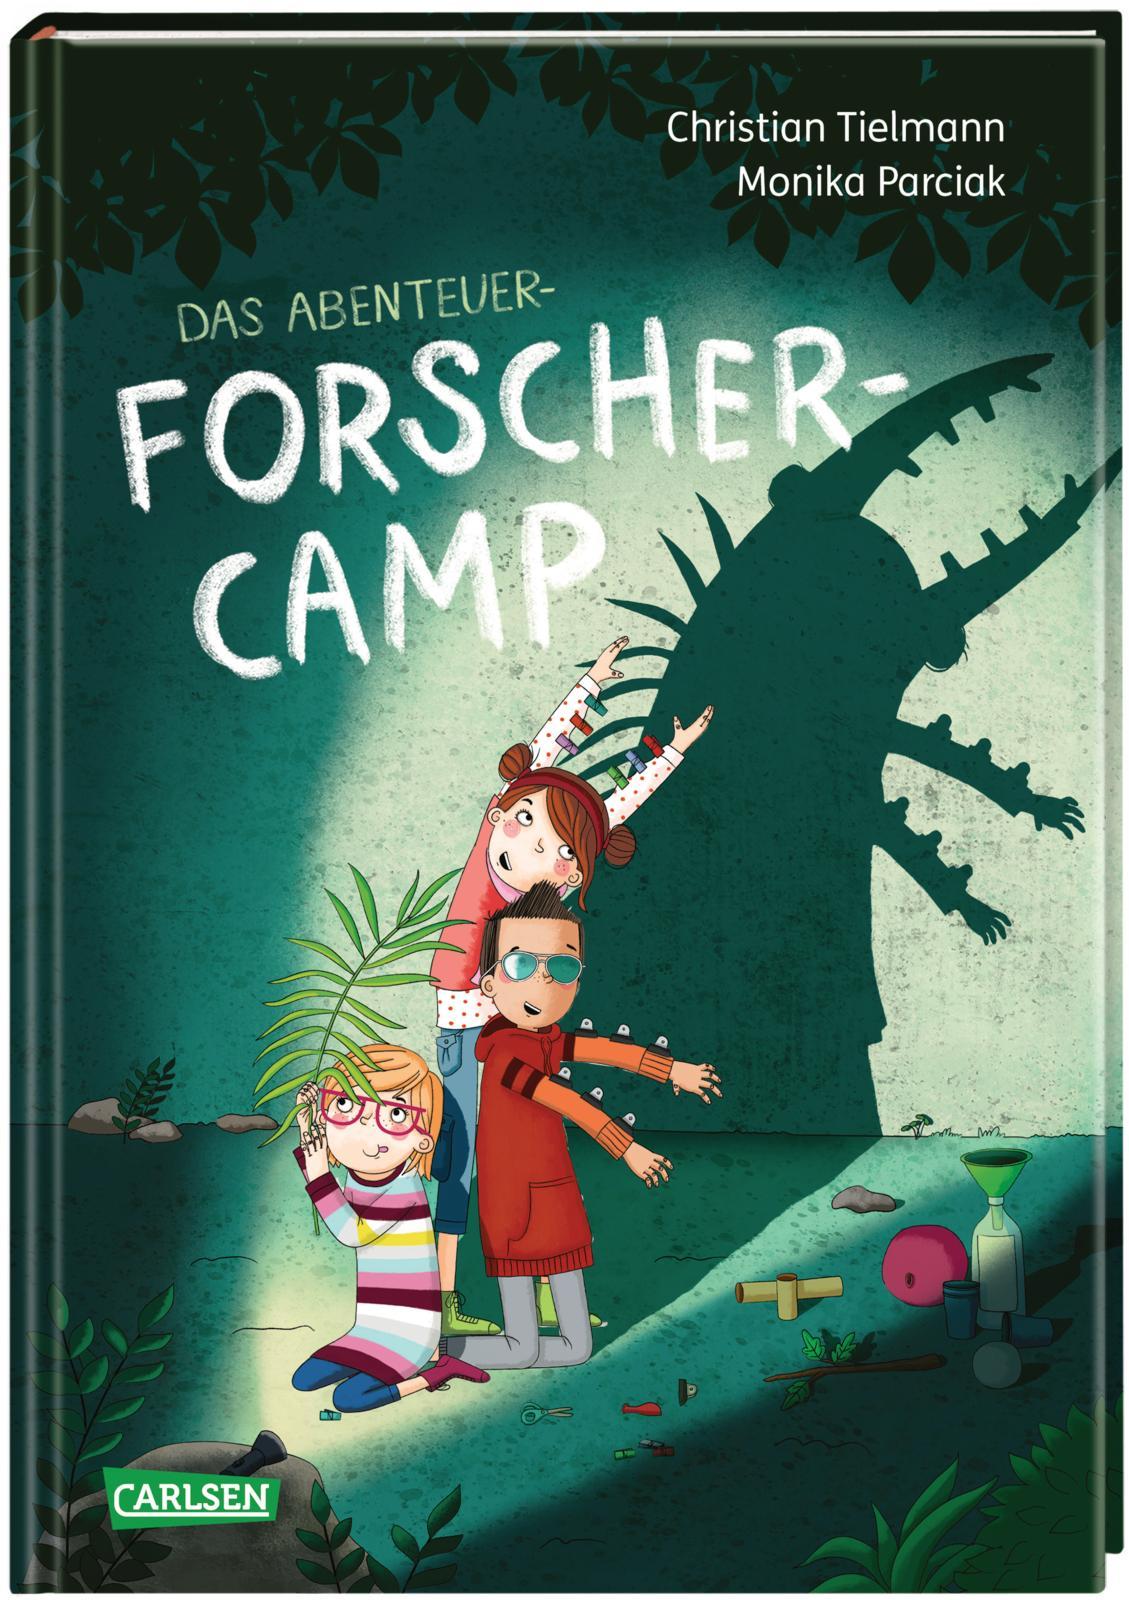 »DAS ABENTEUER-FORSCHER -CAMP« — CARLSEN